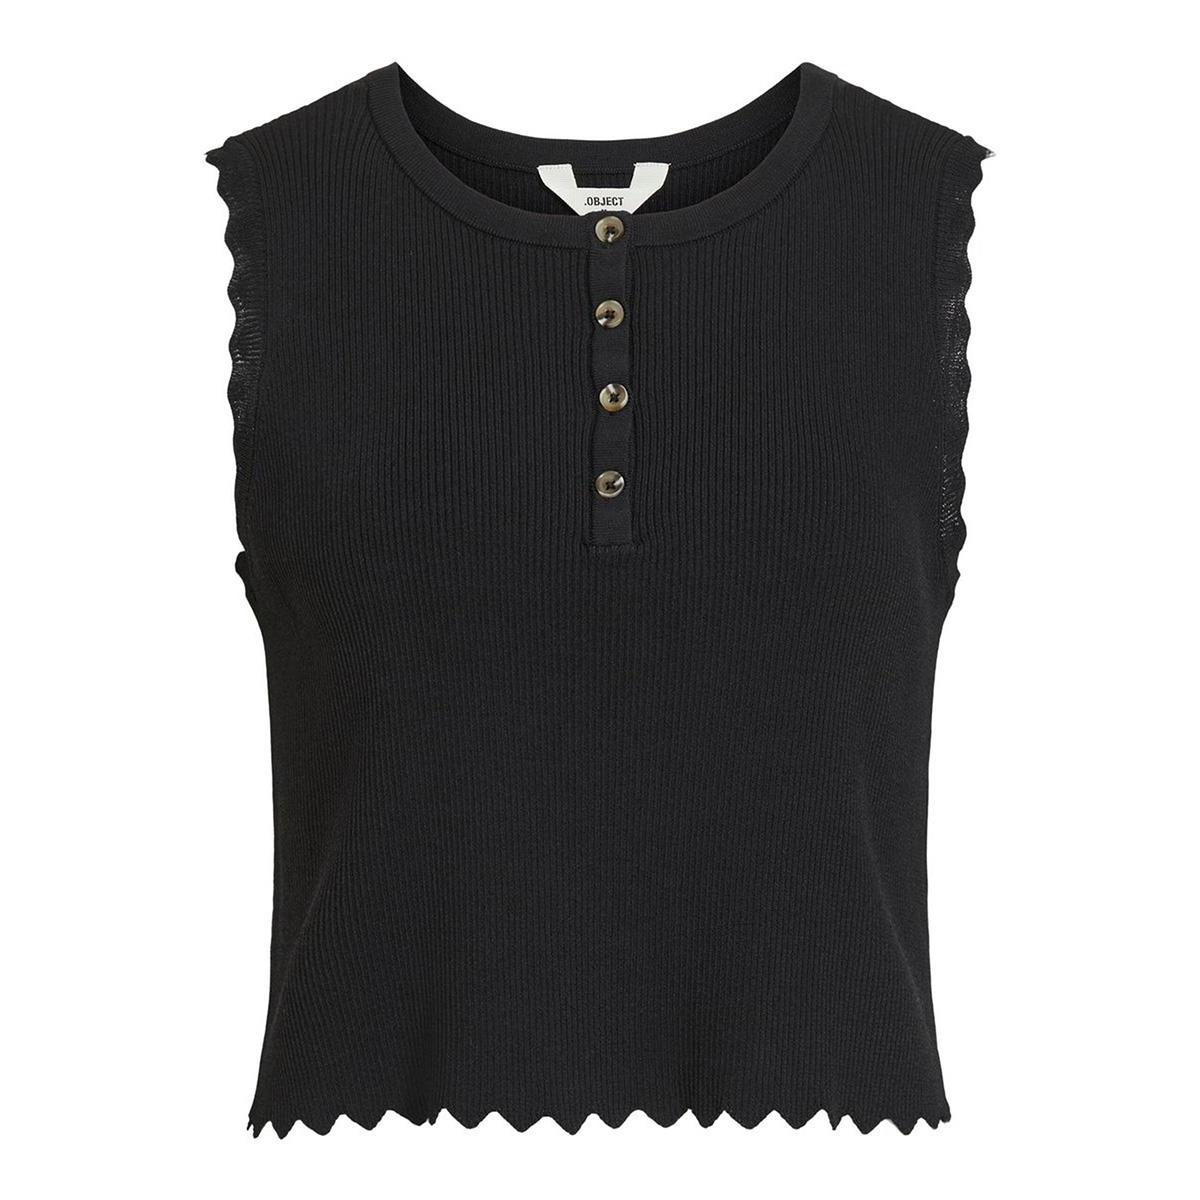 objharriet knit tank 108 23032441 object top black